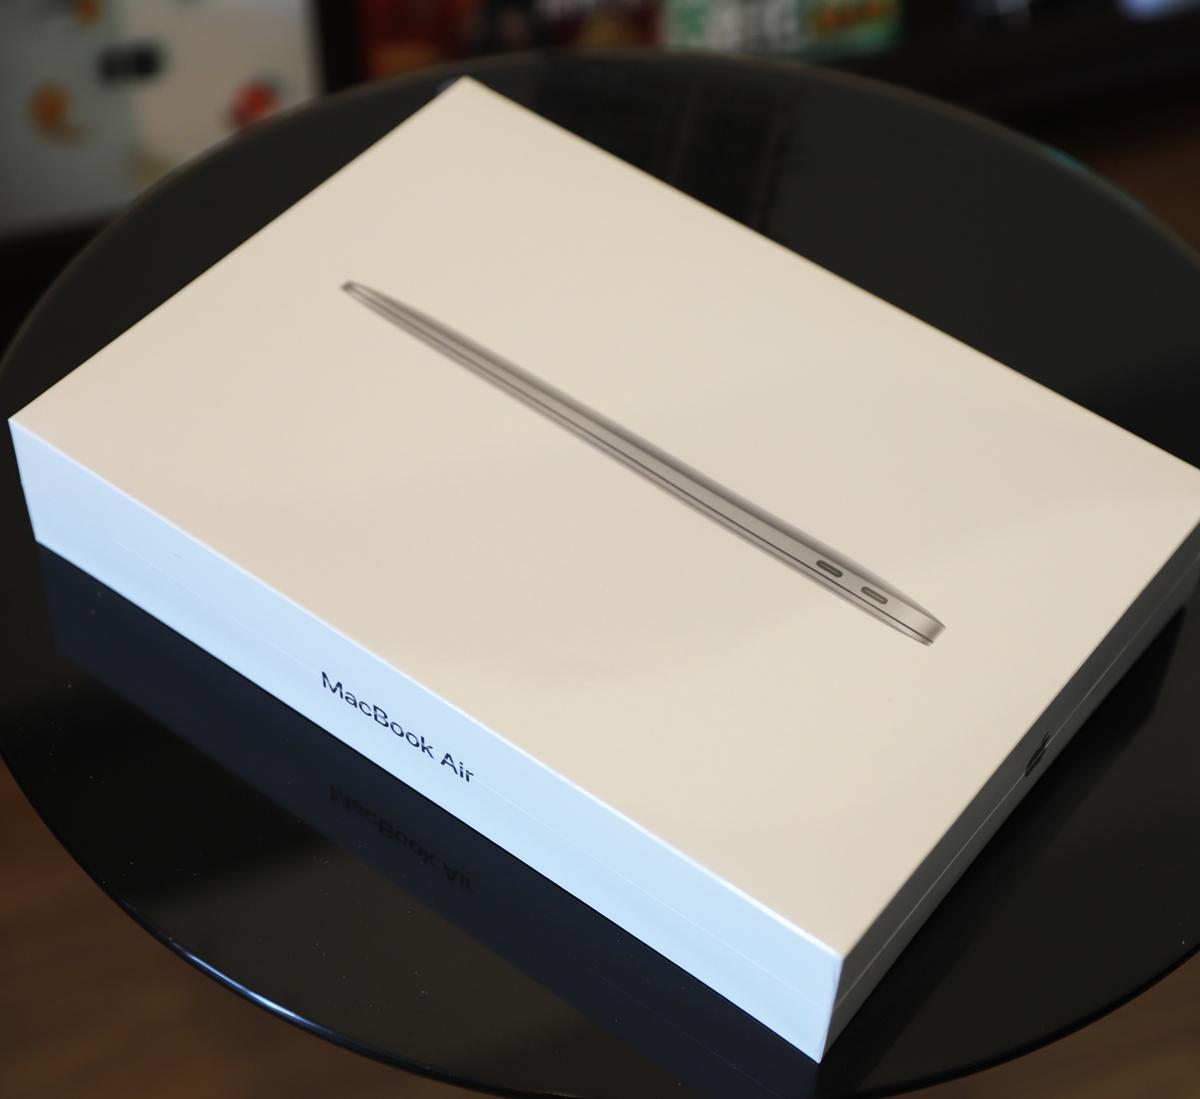 MacBook Air_5344